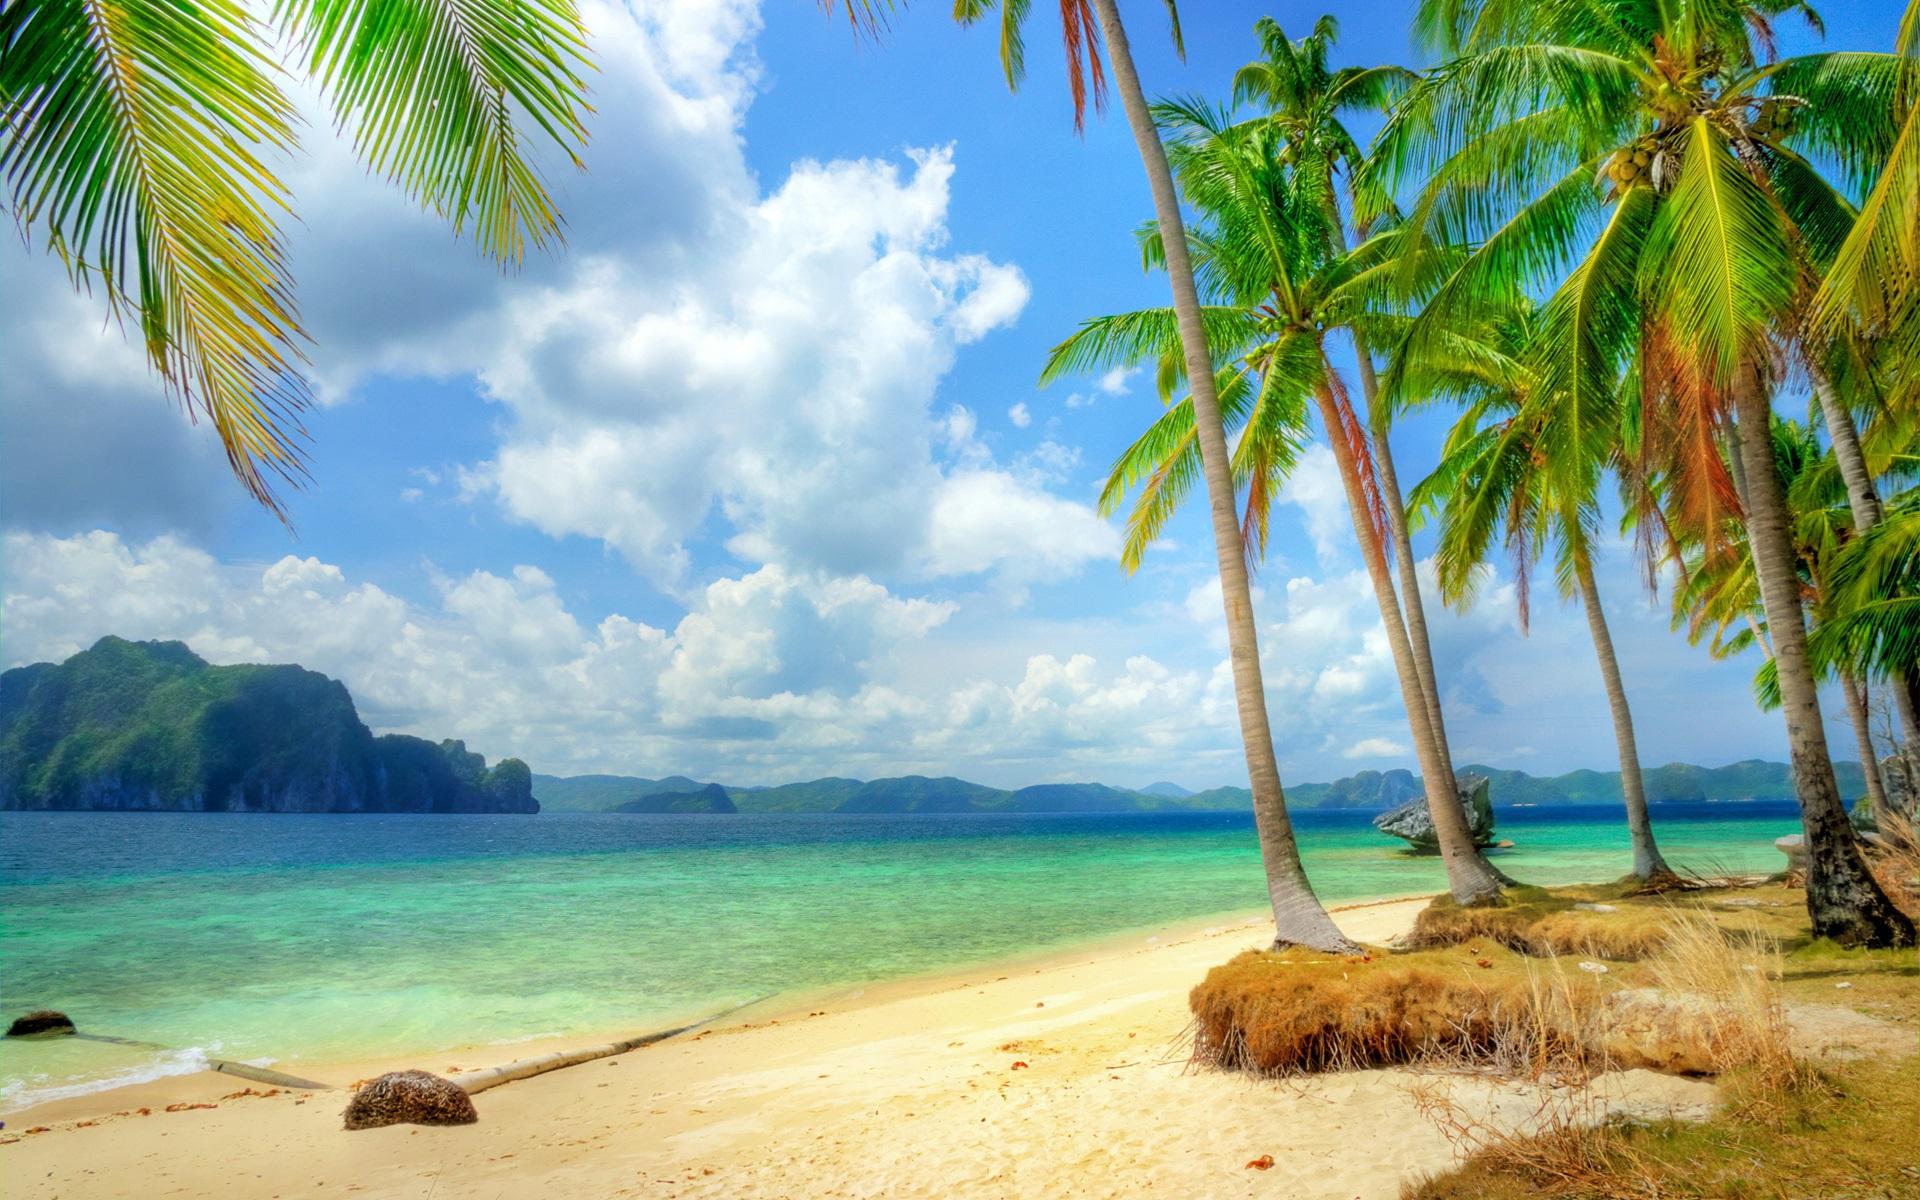 Fonds d'écran Côte tropicale, plage, côte, mer, bleu, des palmiers, des nuages 1920x1200 HD image